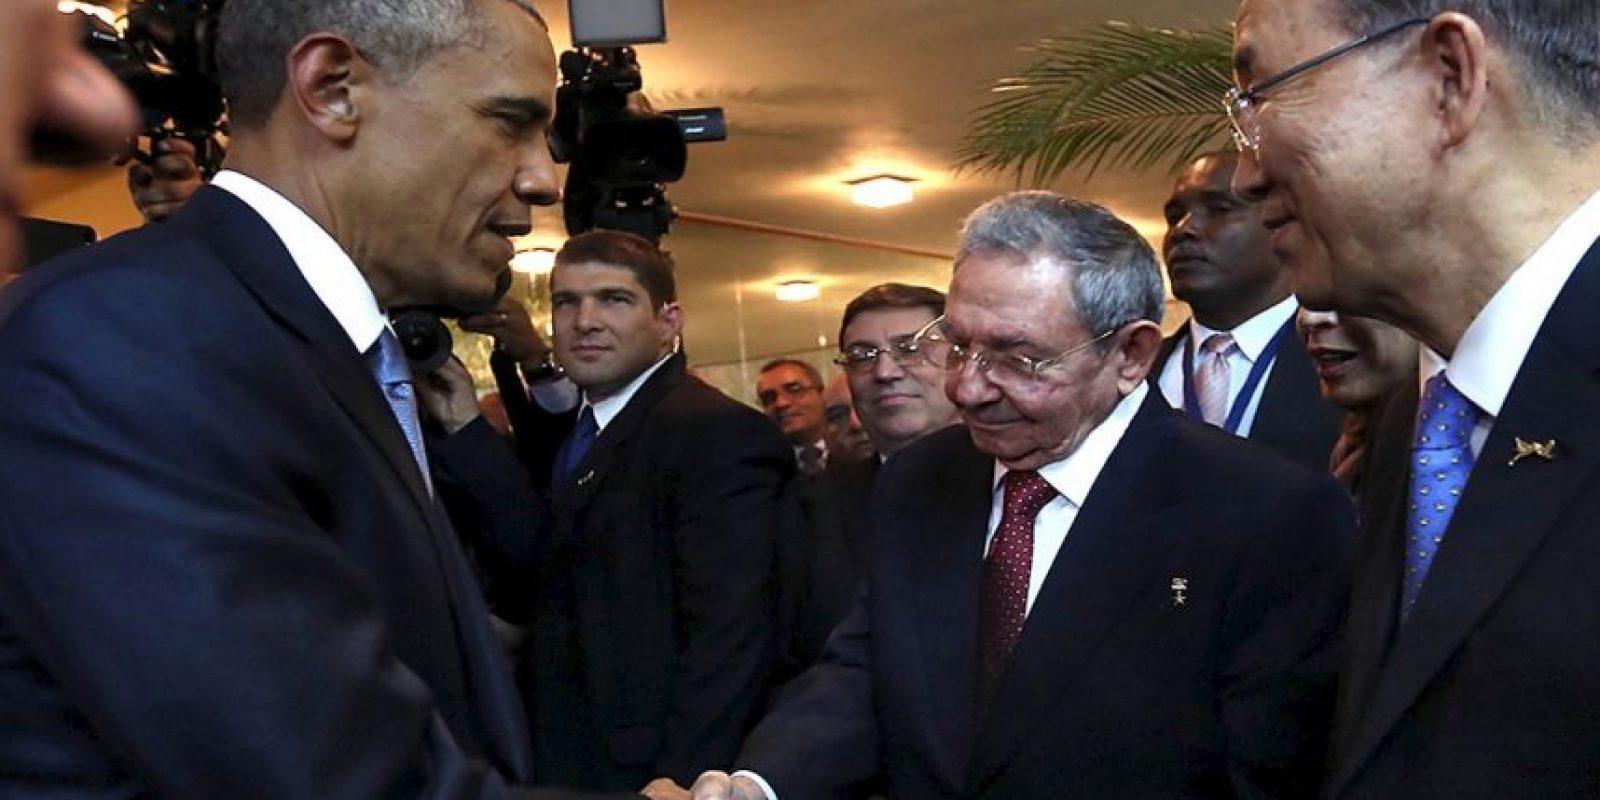 Obama pidió no hacerse tantas ilusiones pues ambos países tienen muchas diferencias ideológicas, pero confirmó que ambos encontrarán la manera de entenderse. Foto:AP